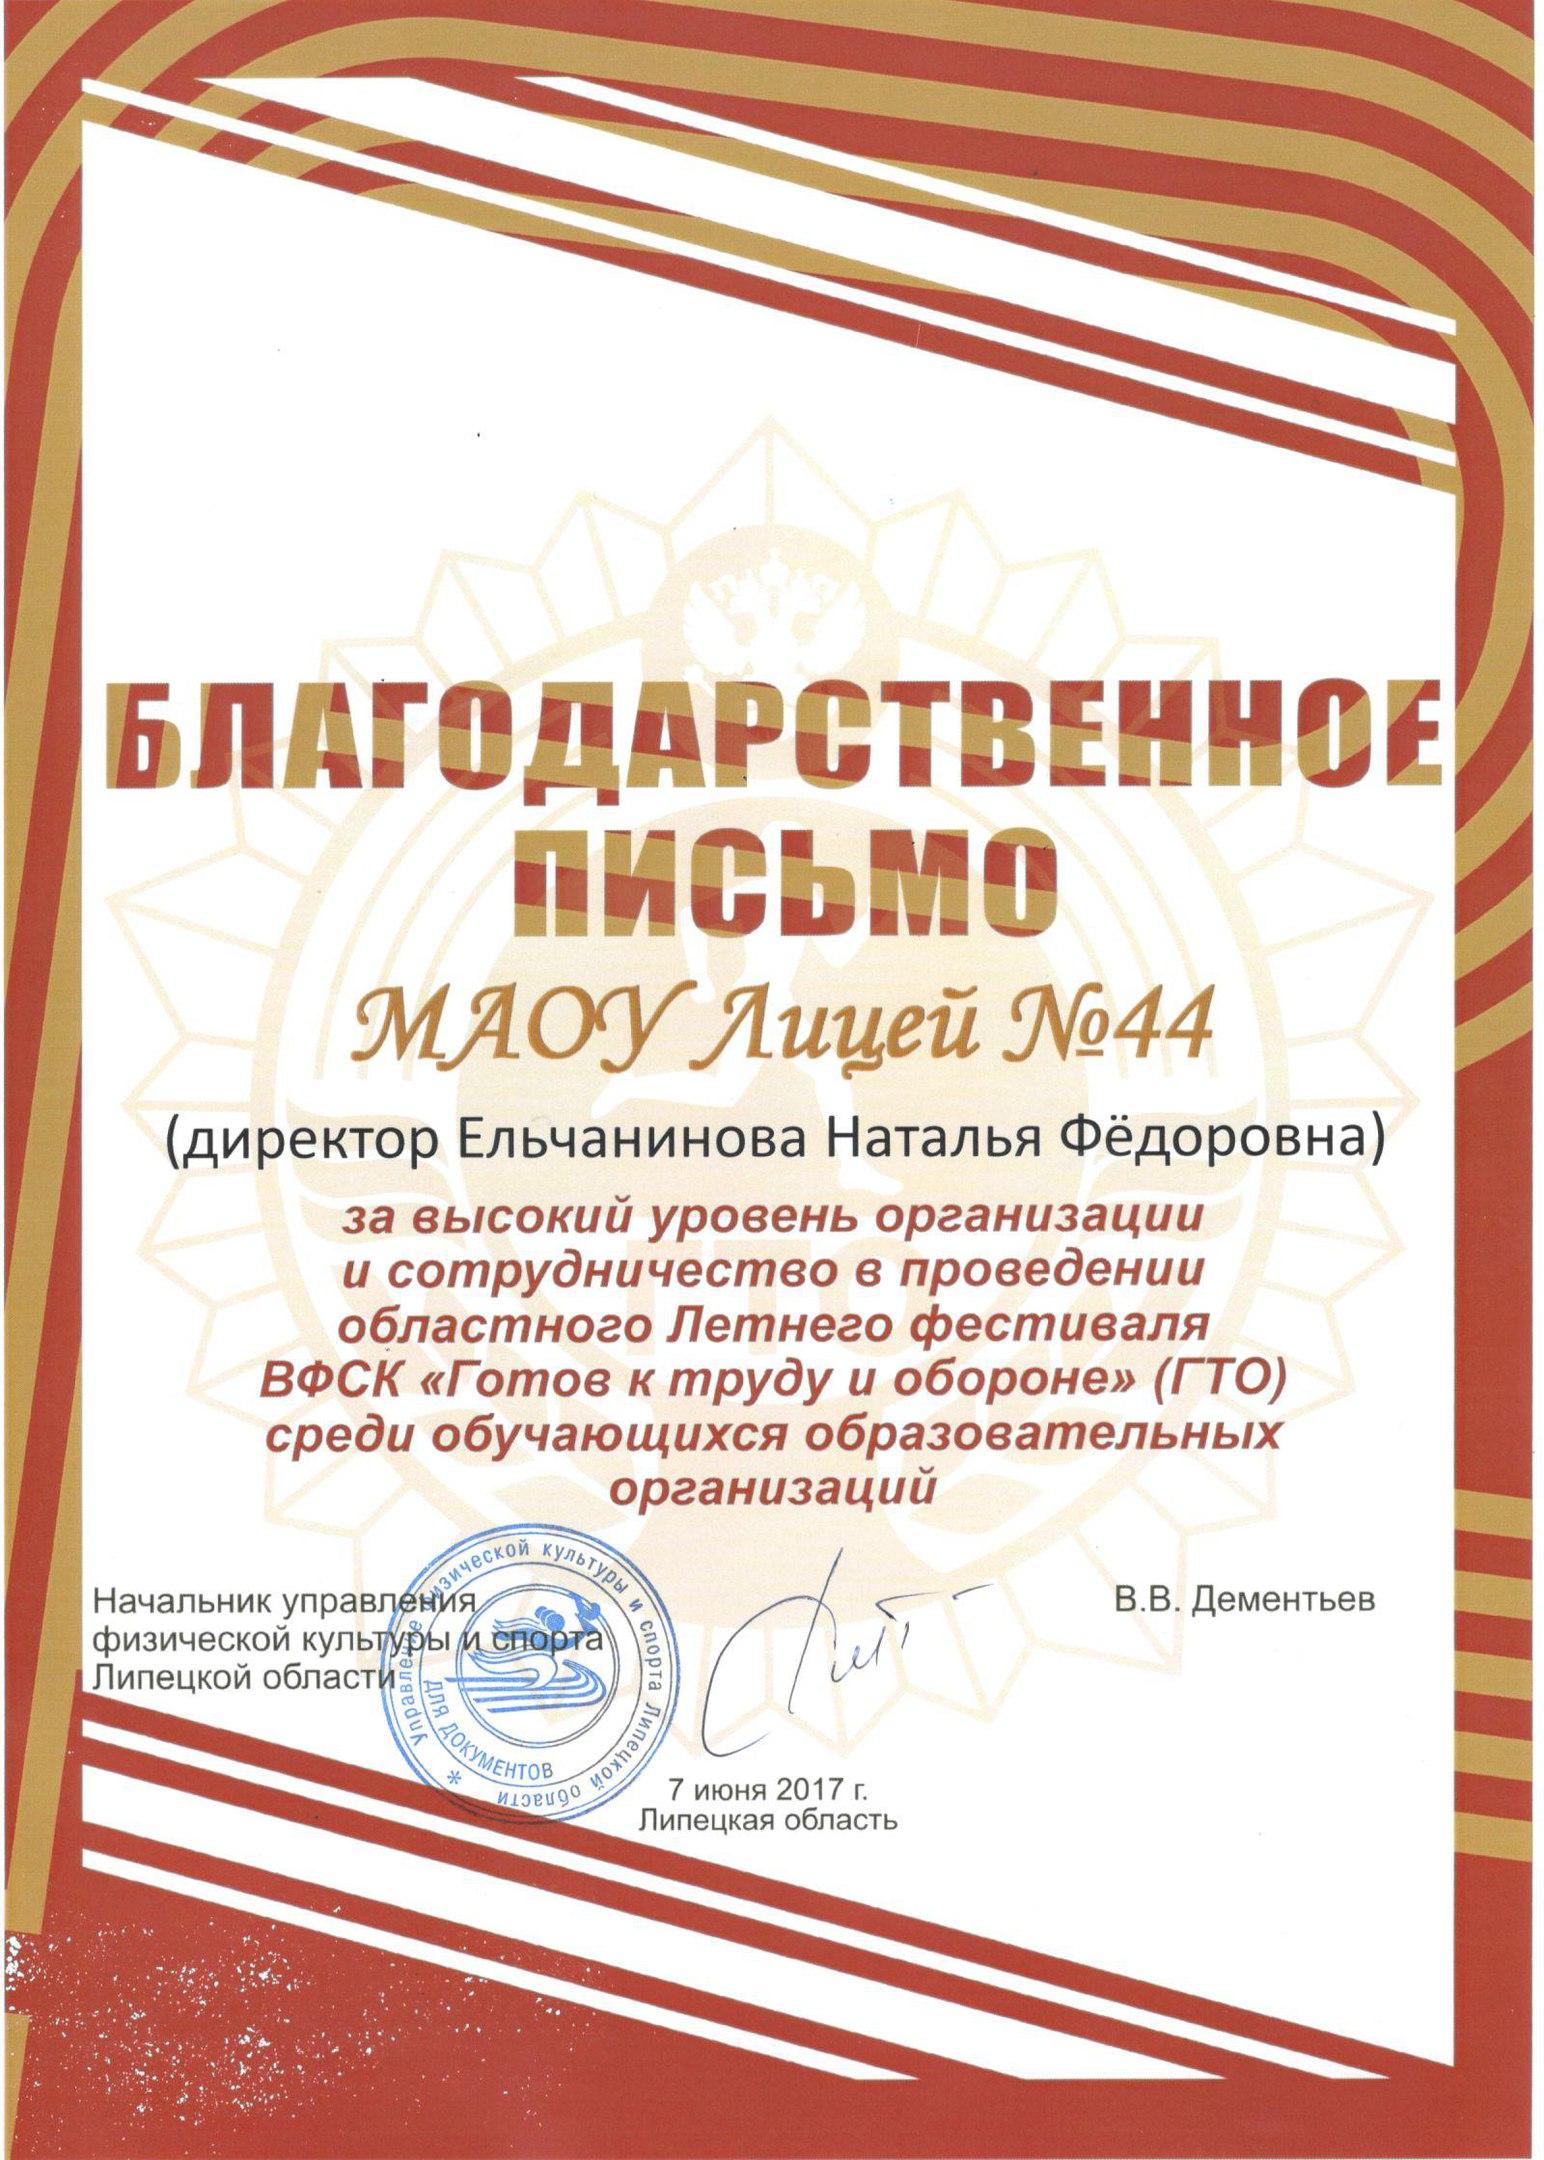 Поздравление победителям гто 89